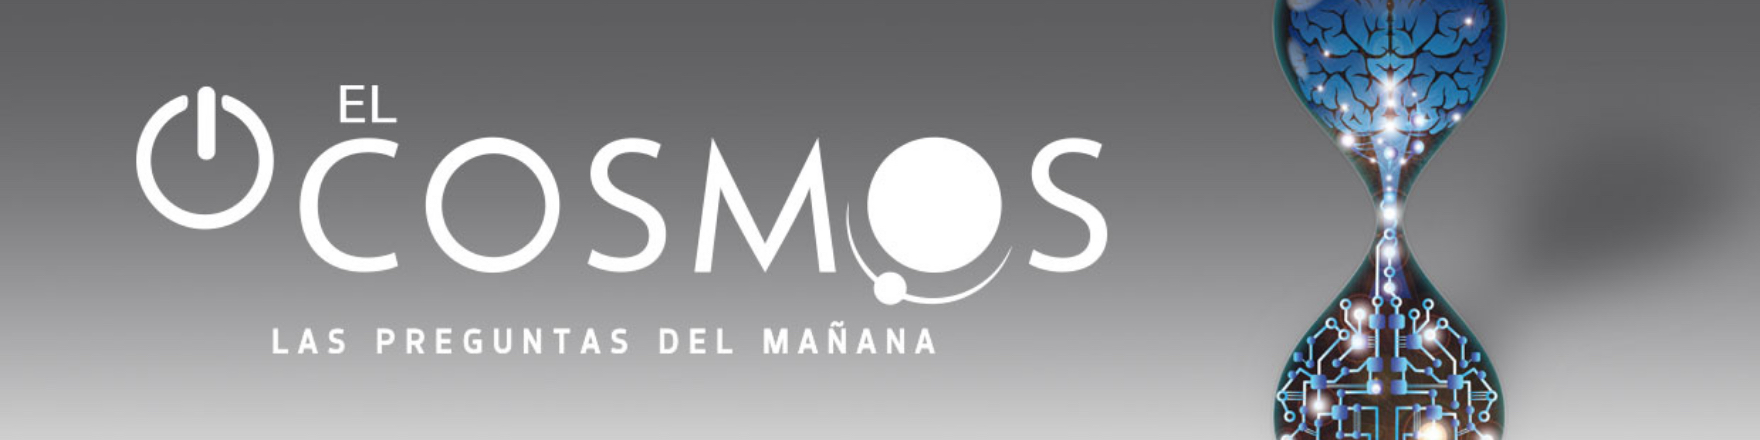 Cabecera El Cosmos 2019